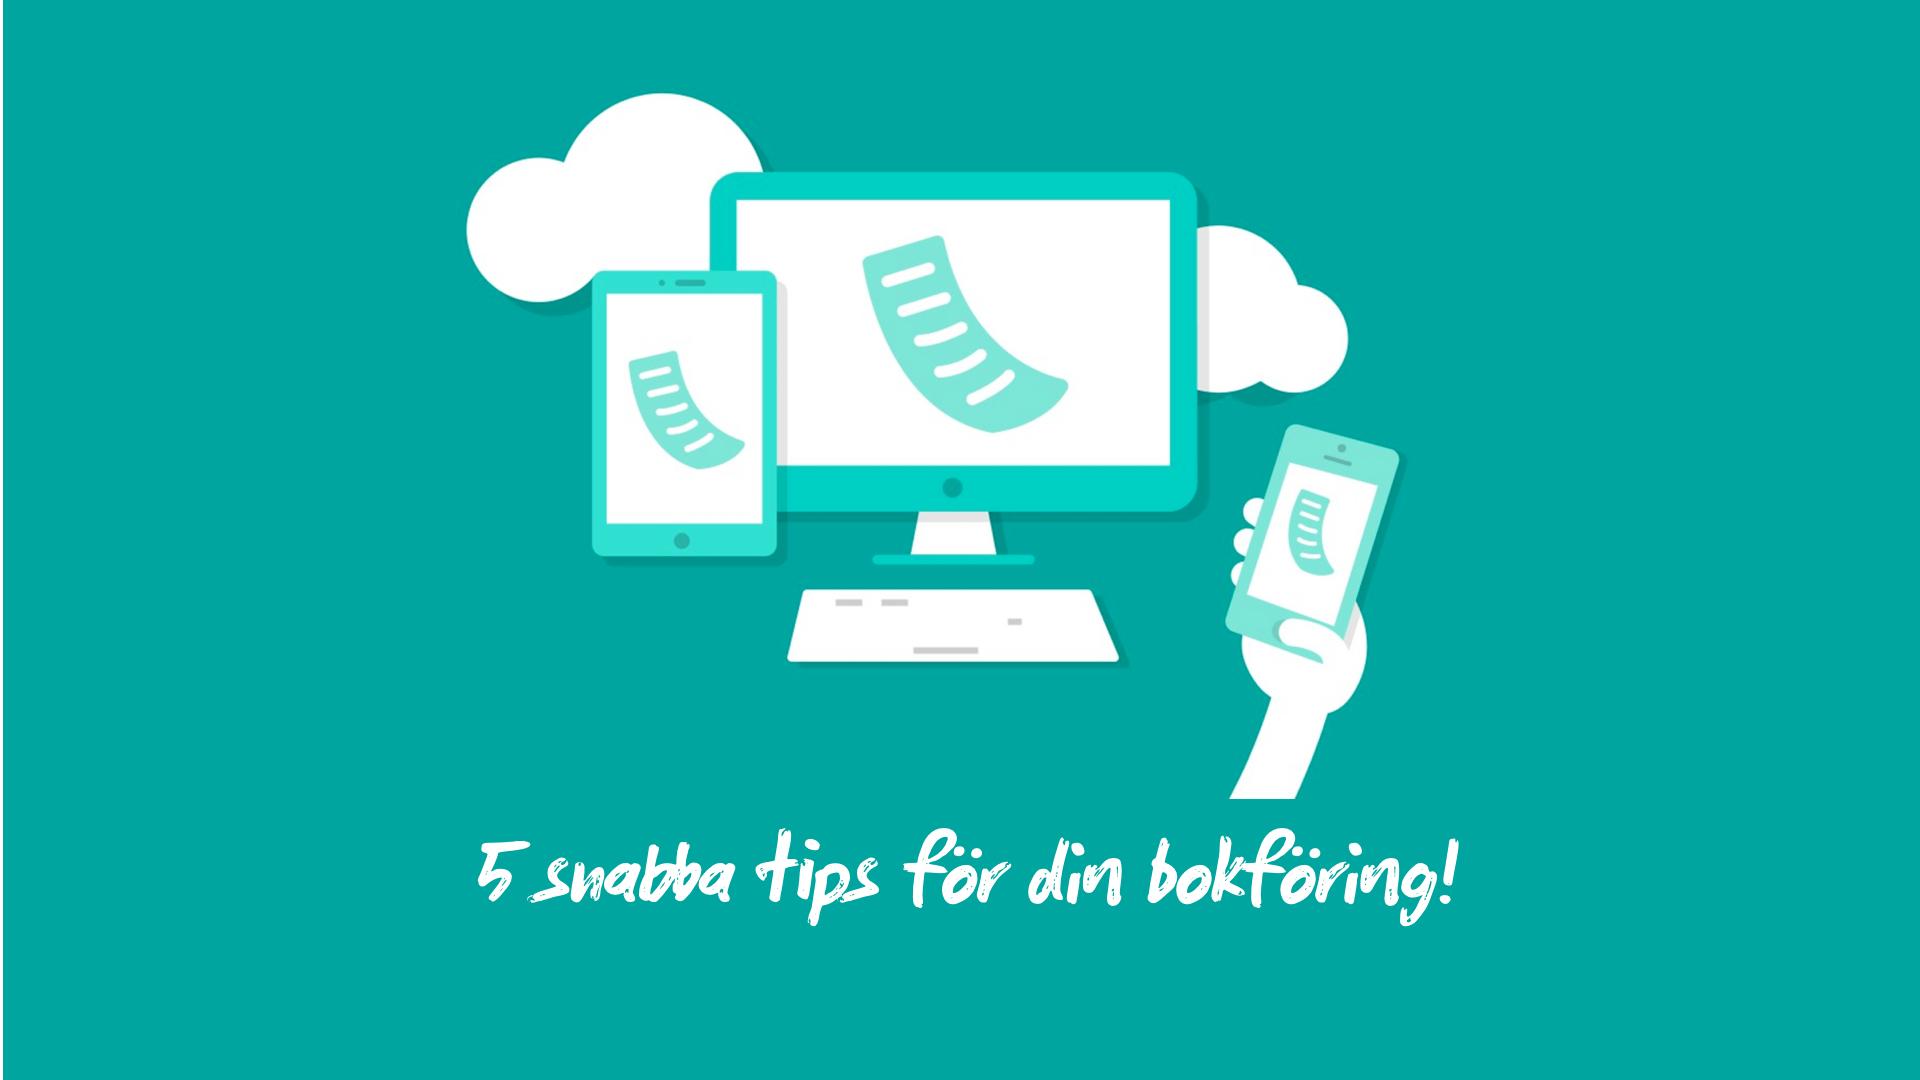 5 snabba tips för hur du kan förbättra din bokföring!